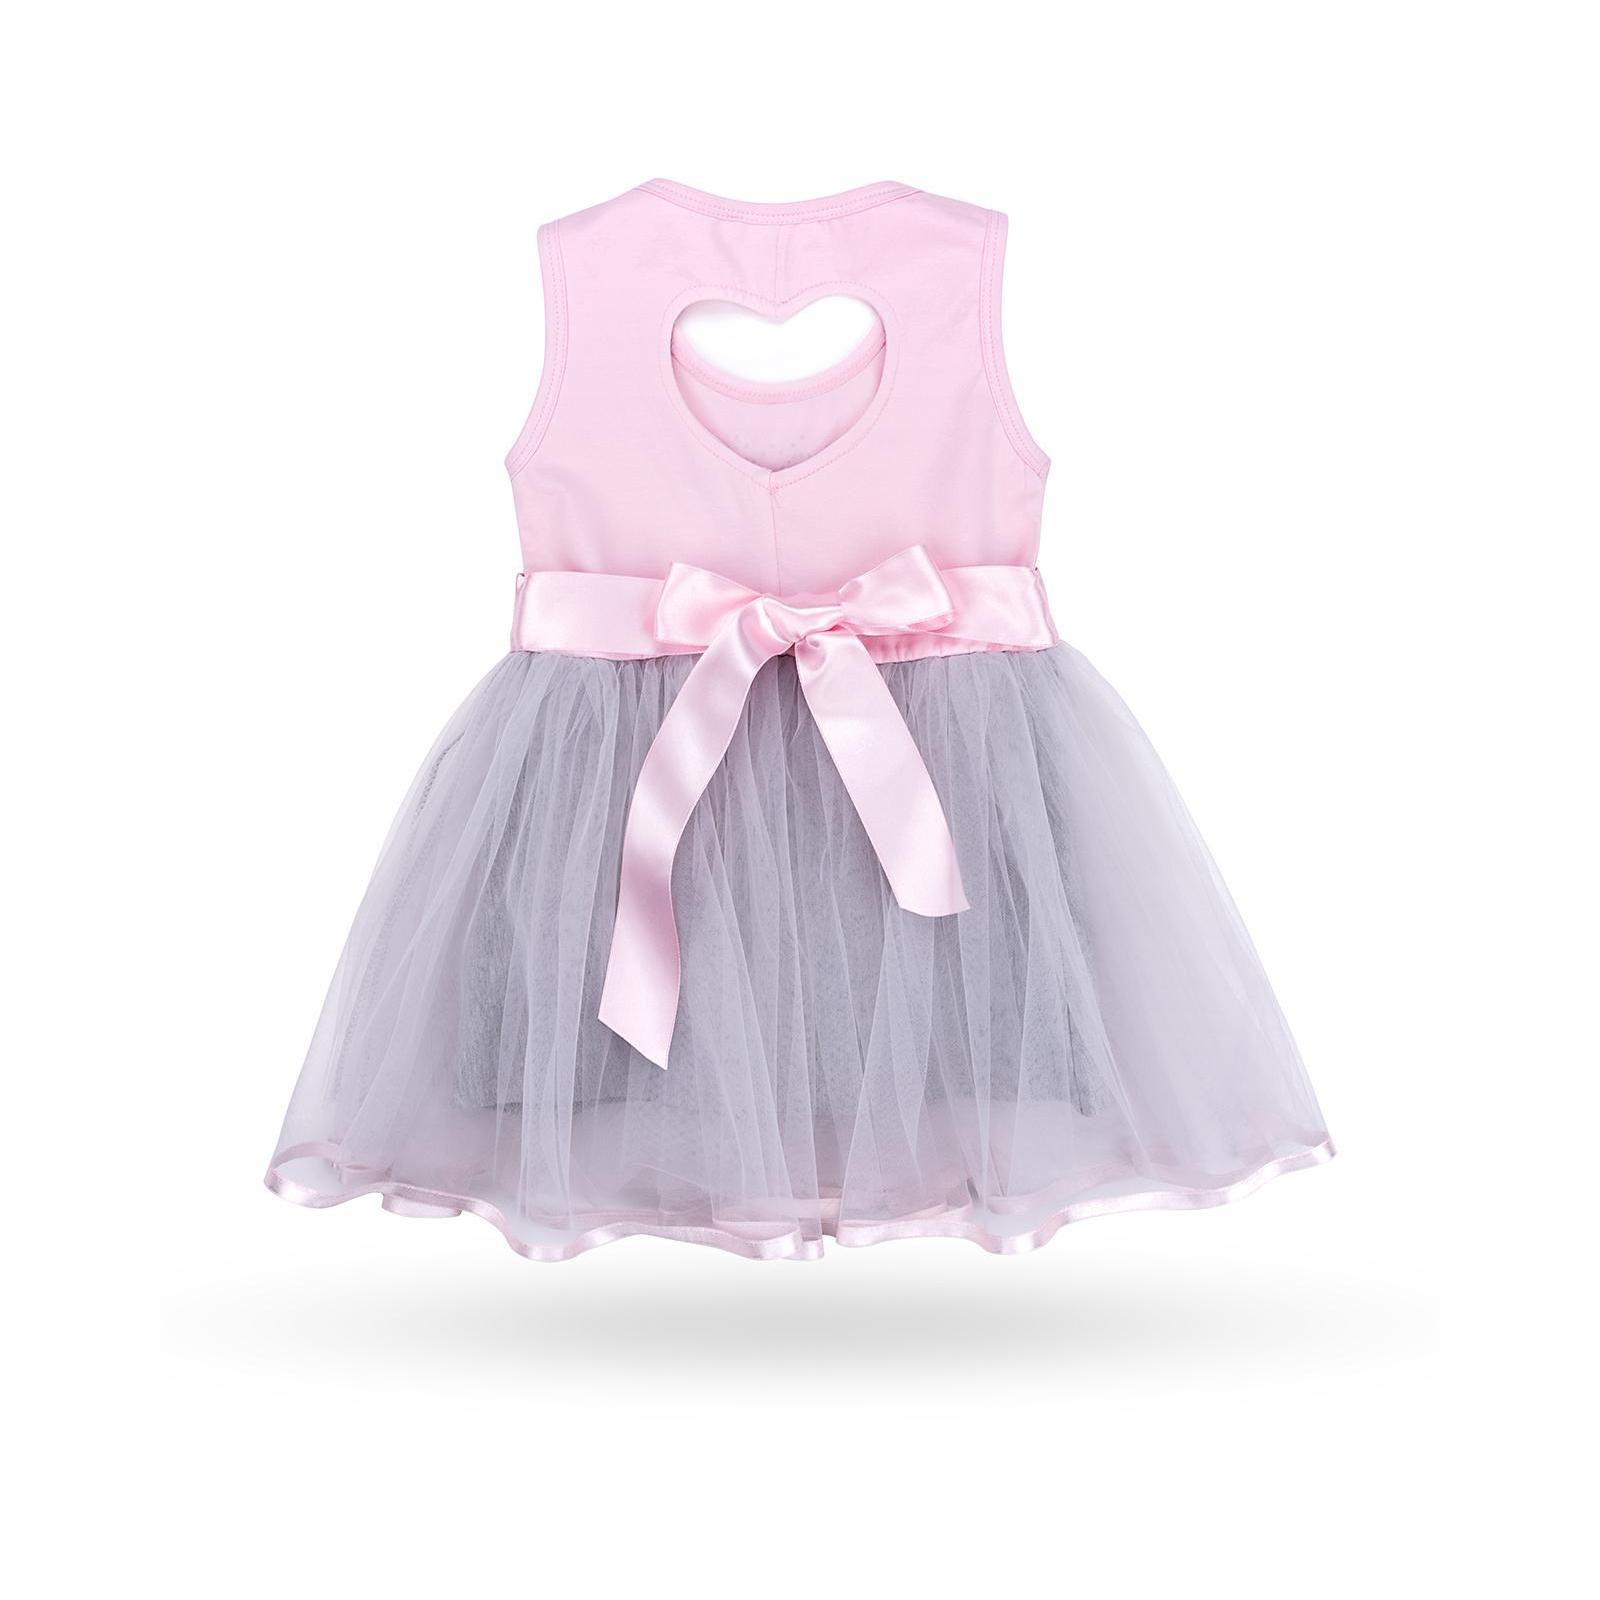 Платье Breeze сарафан с фатиновой юбкой и сердцем (10862-104G-pink) изображение 2